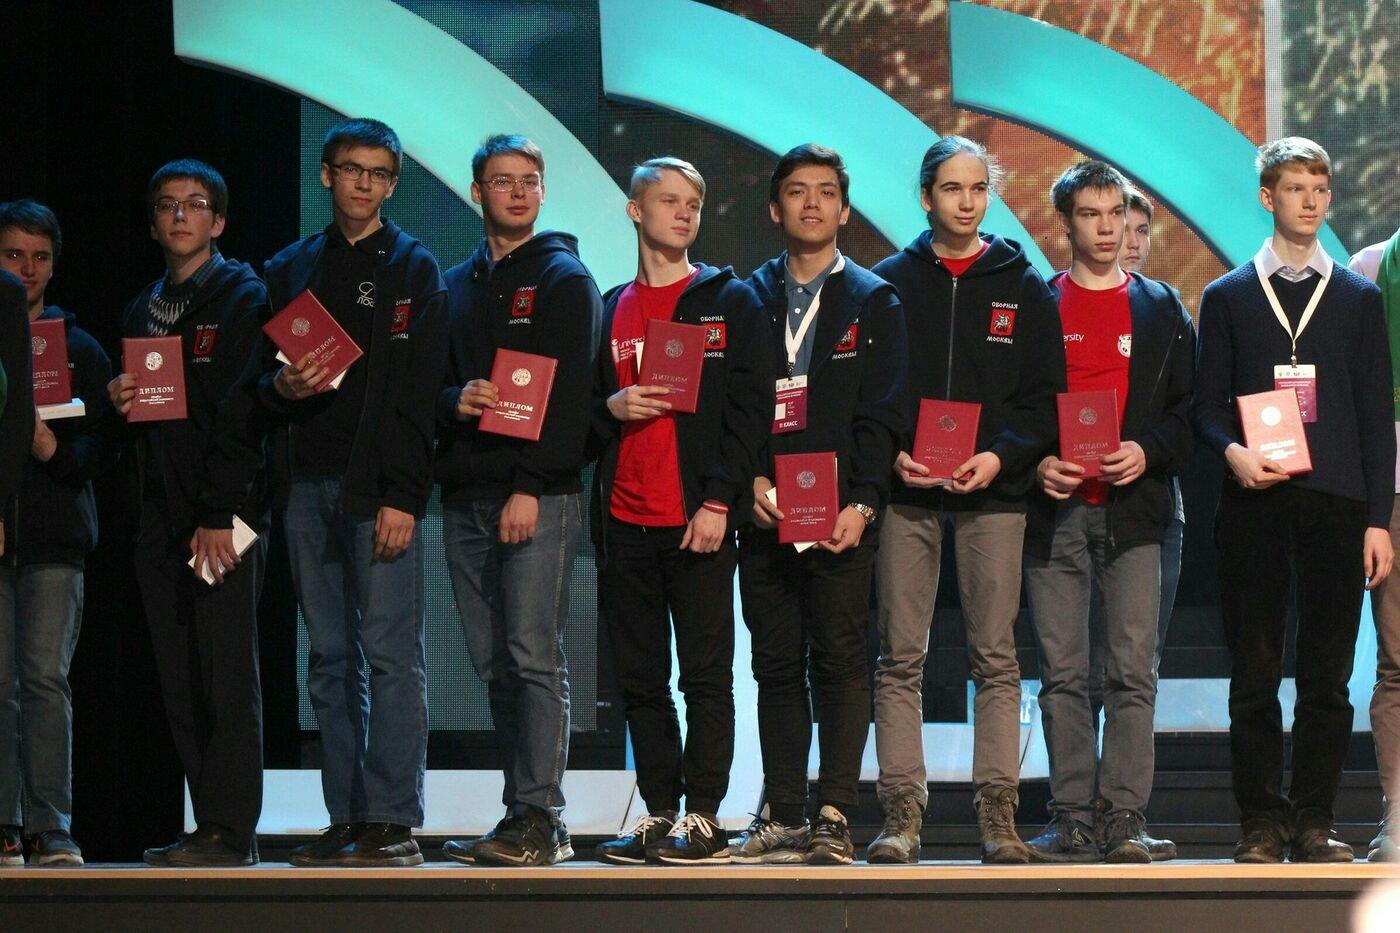 Поздравляем победителей и призеров Всероссийской олимпиады школьников по физике!